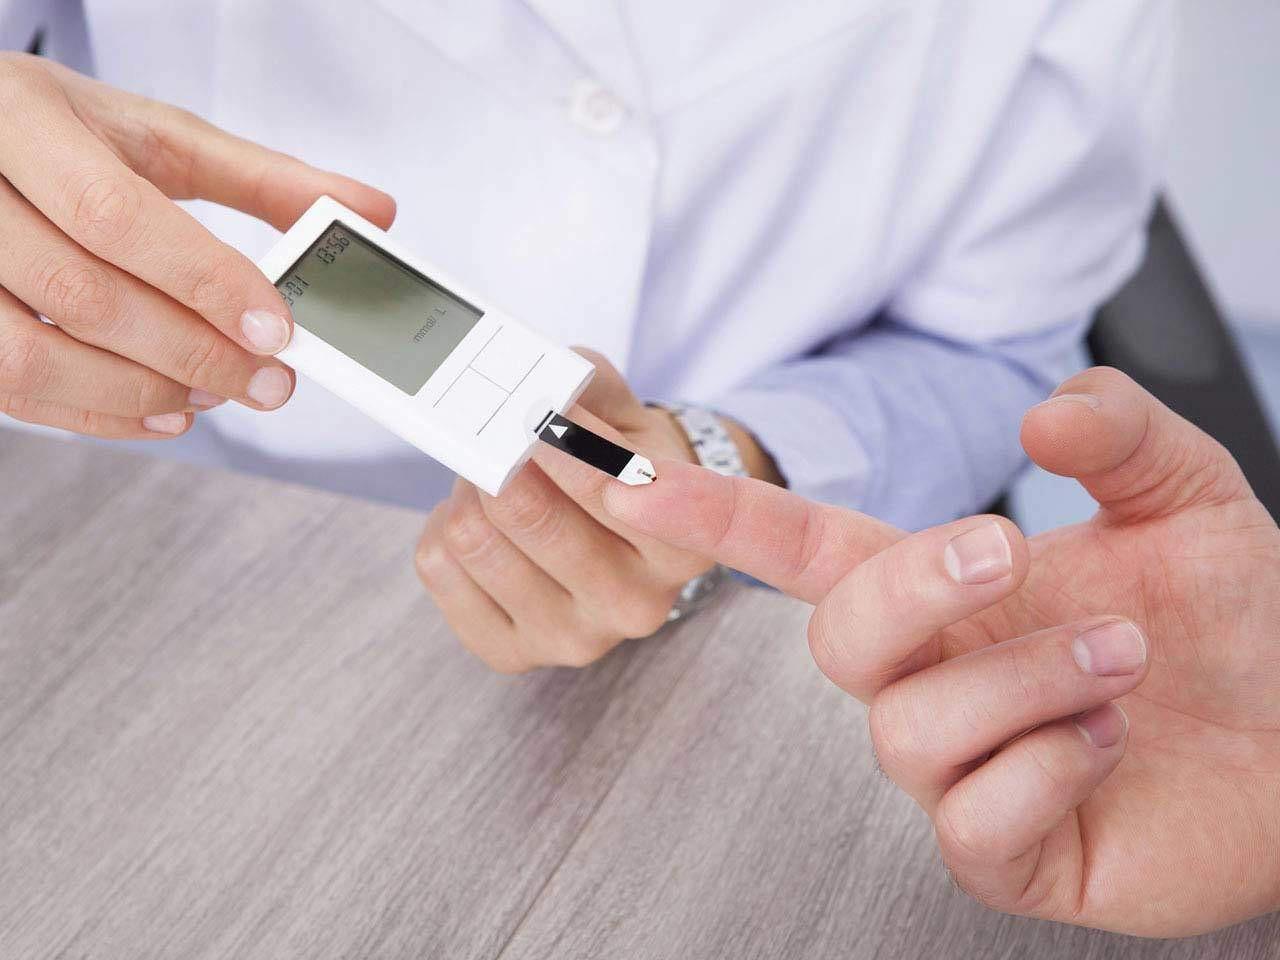 Gan của bạn có thể đang chất chứa đầy mỡ nếu gặp phải các triệu chứng sau - Ảnh 3.